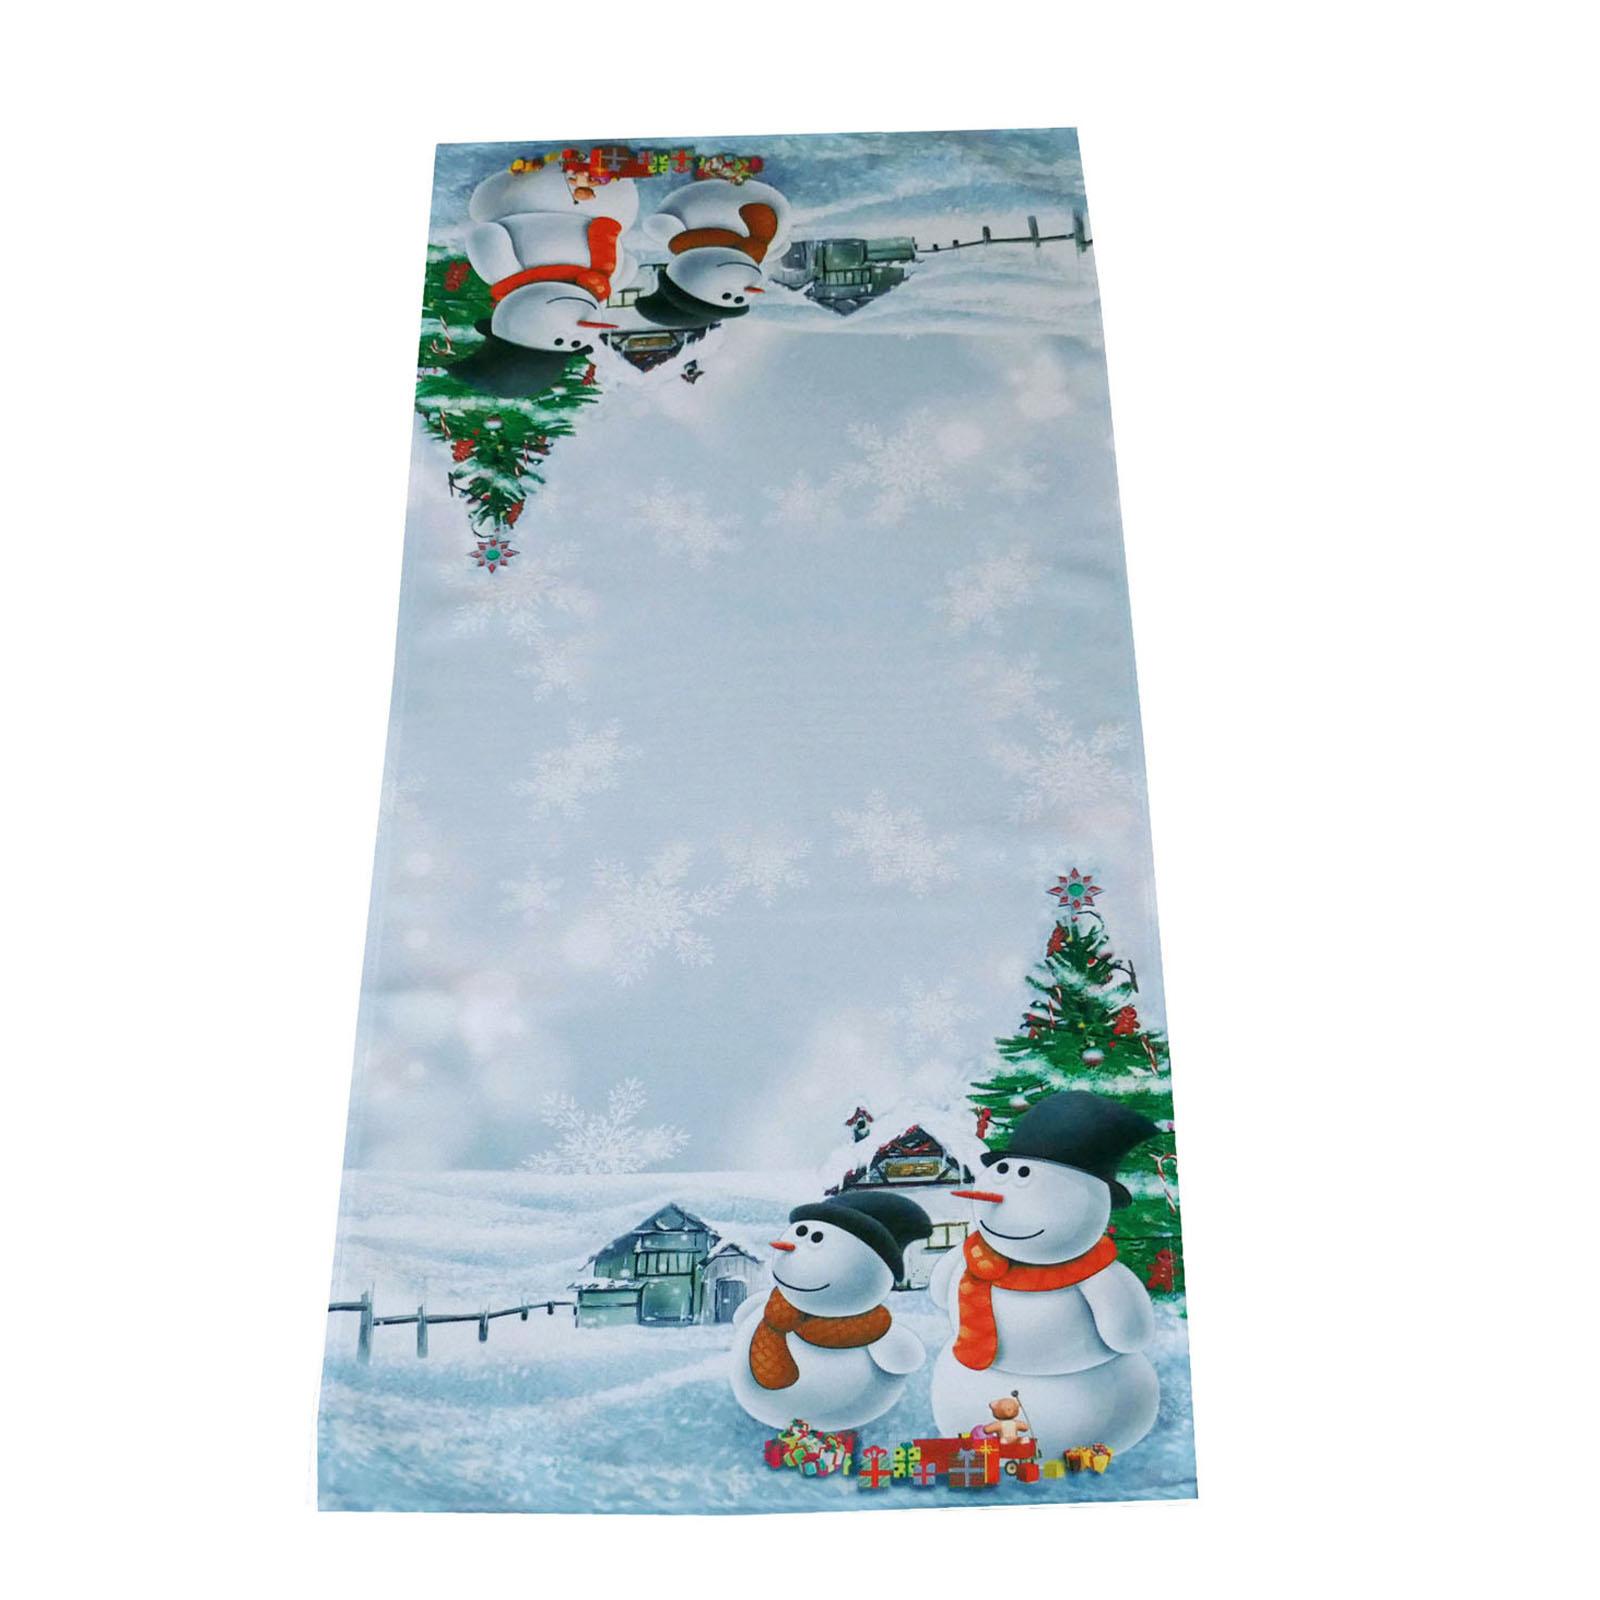 schneemann weihnachten tischdecke tischl ufer kissen schnee weihnachtsbaum ebay. Black Bedroom Furniture Sets. Home Design Ideas